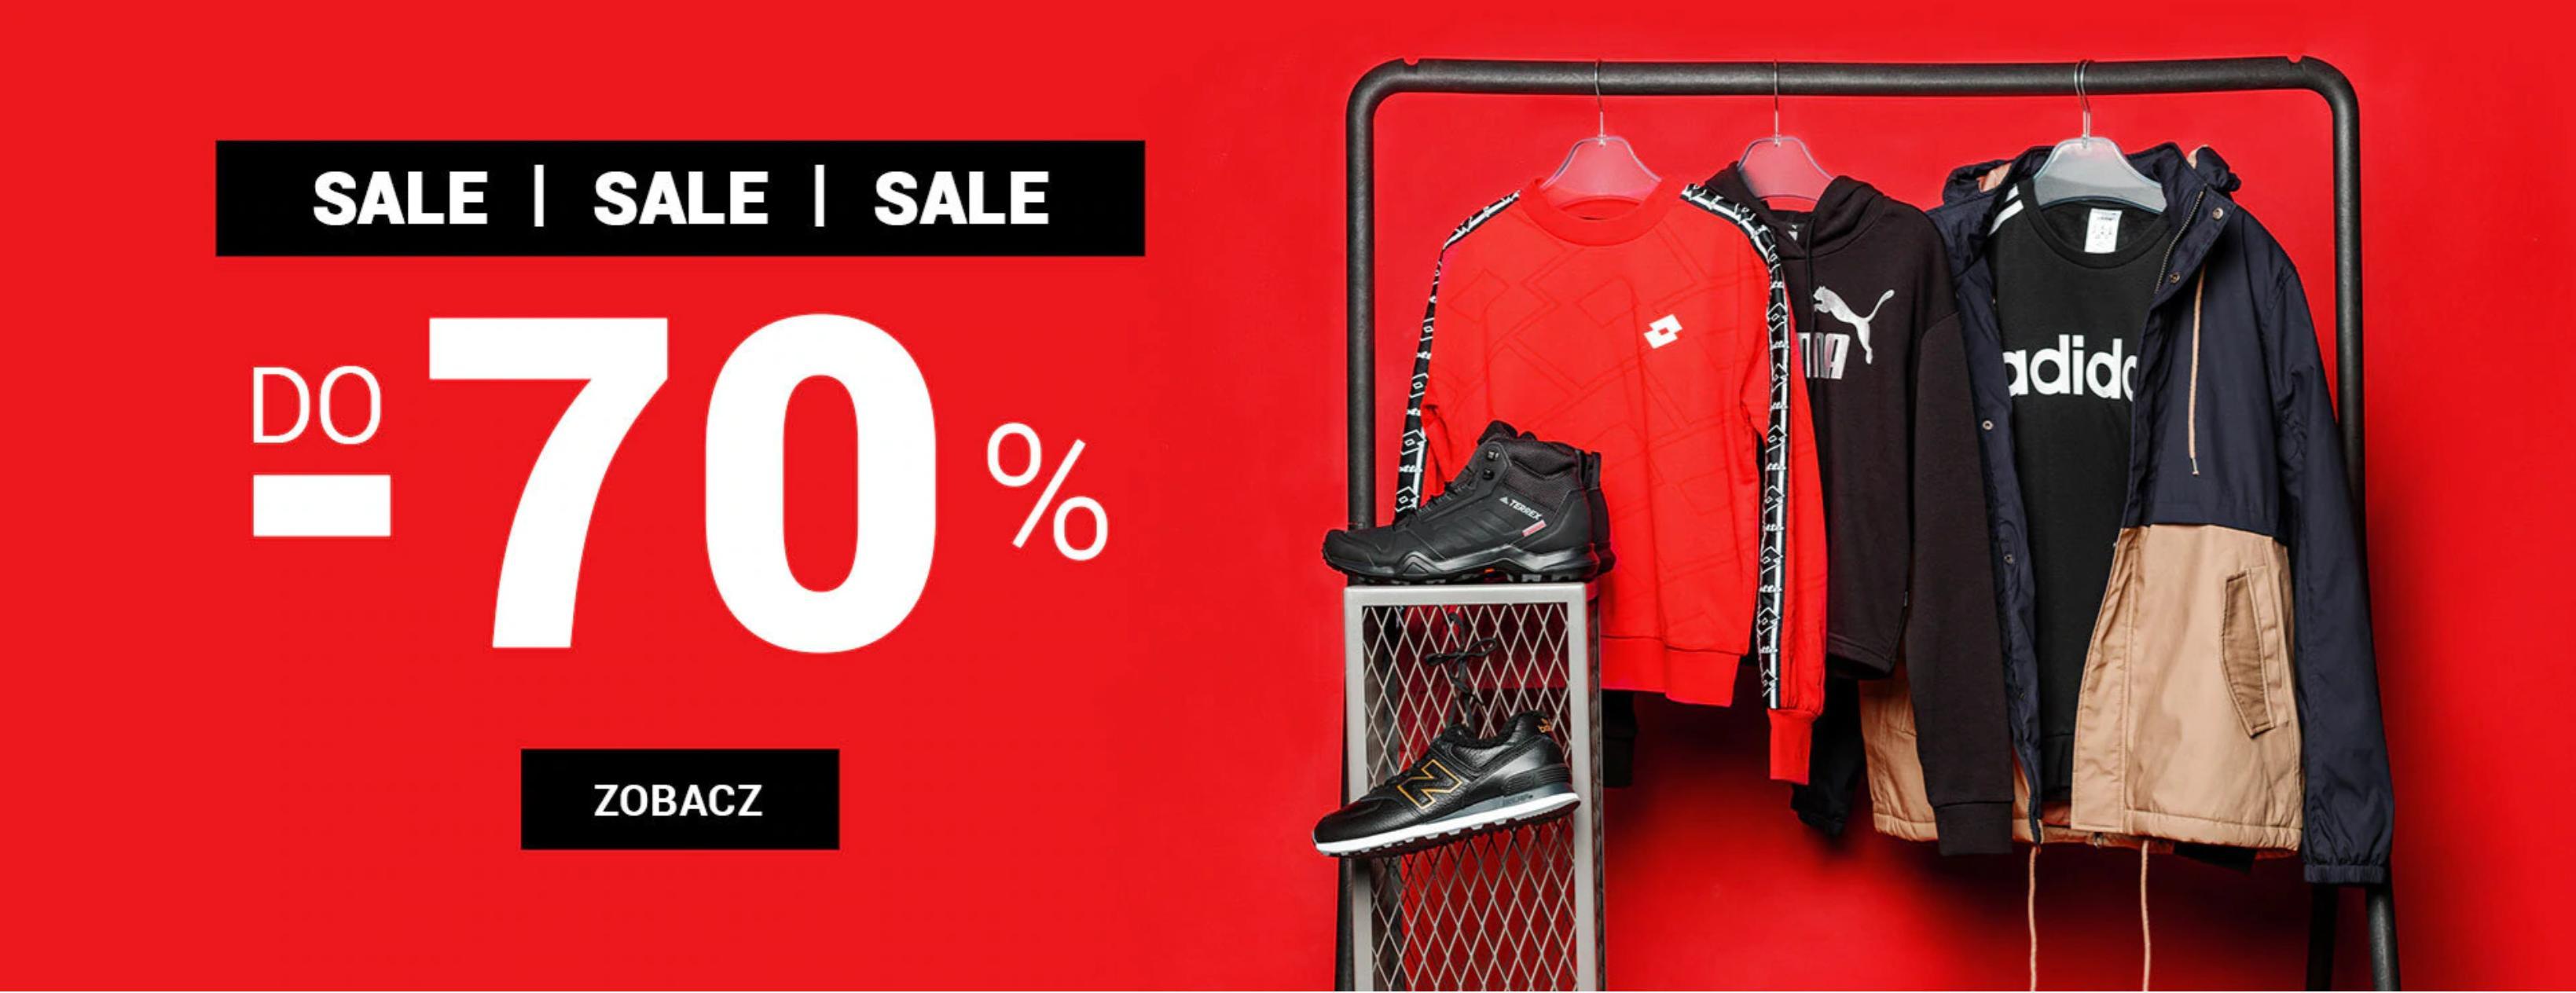 ButySportowe.pl: wyprzedaż do 70% zniżki na buty i odzież sportową